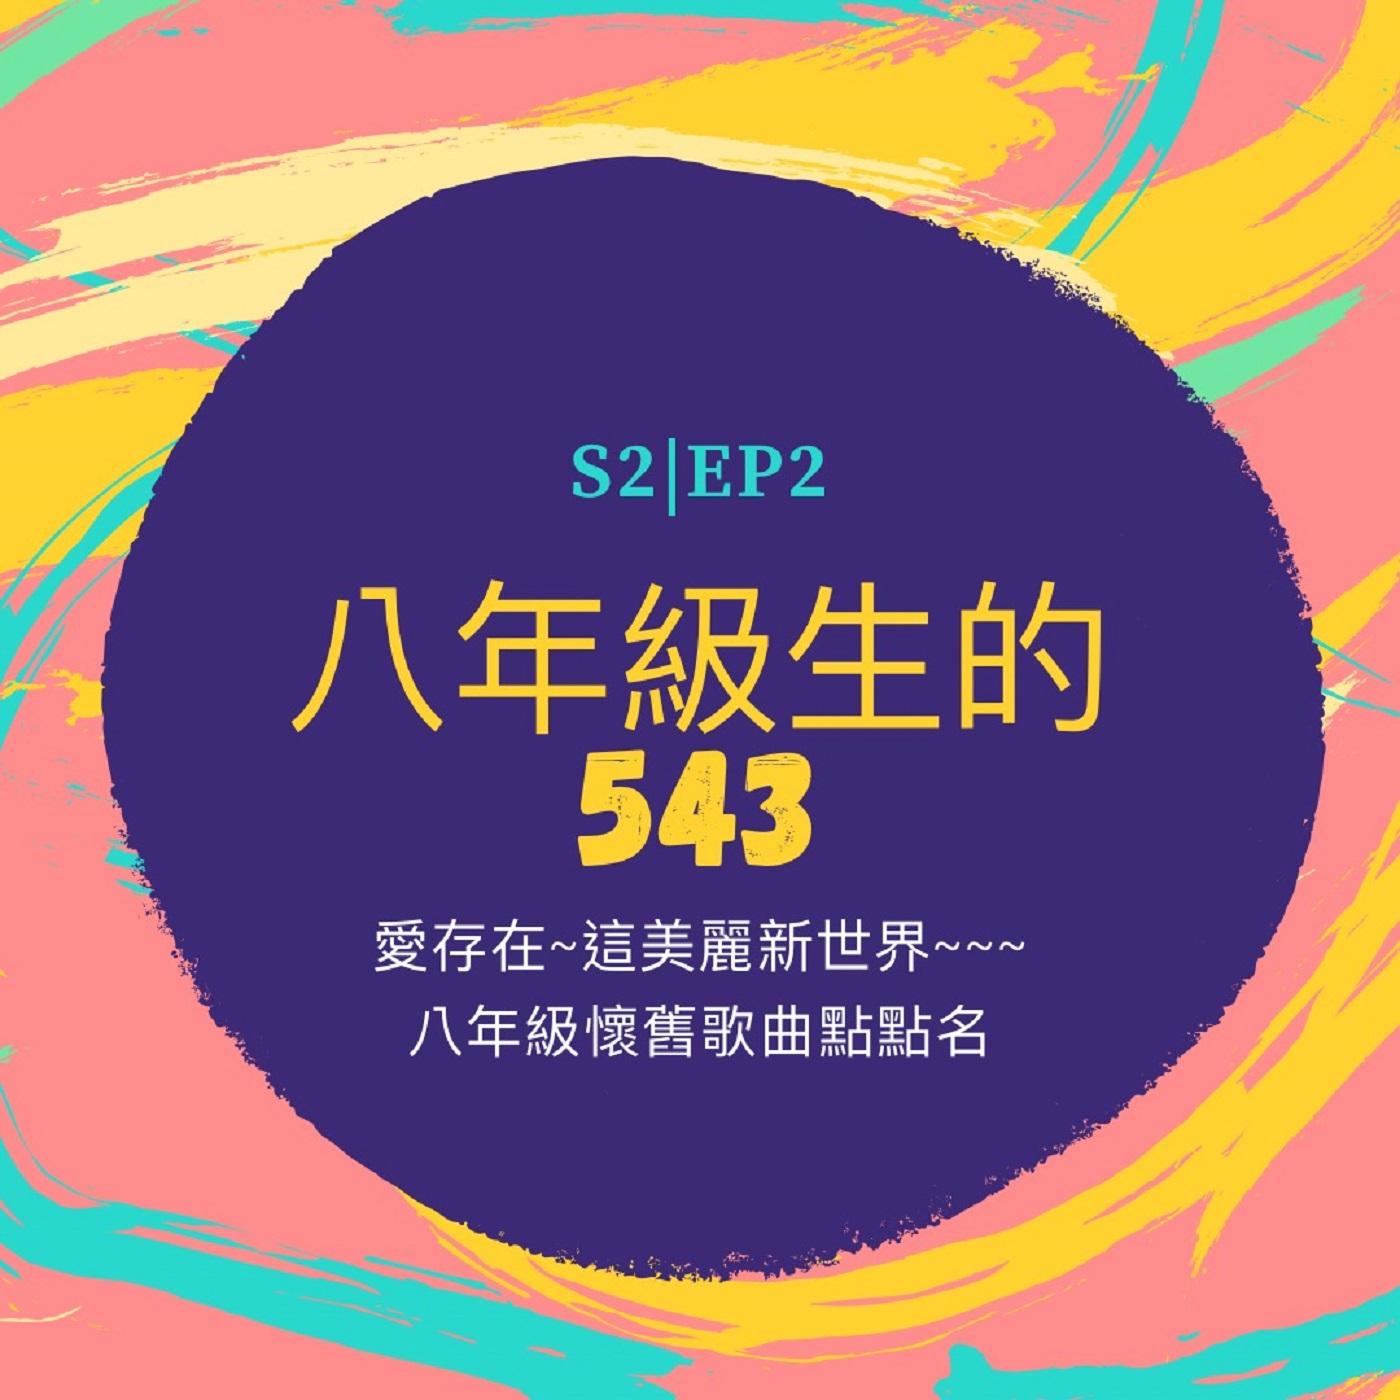 【S2|八年級的543】ep.2 愛存在~~這美麗新世界~~~八年級懷舊歌曲點點名!!!